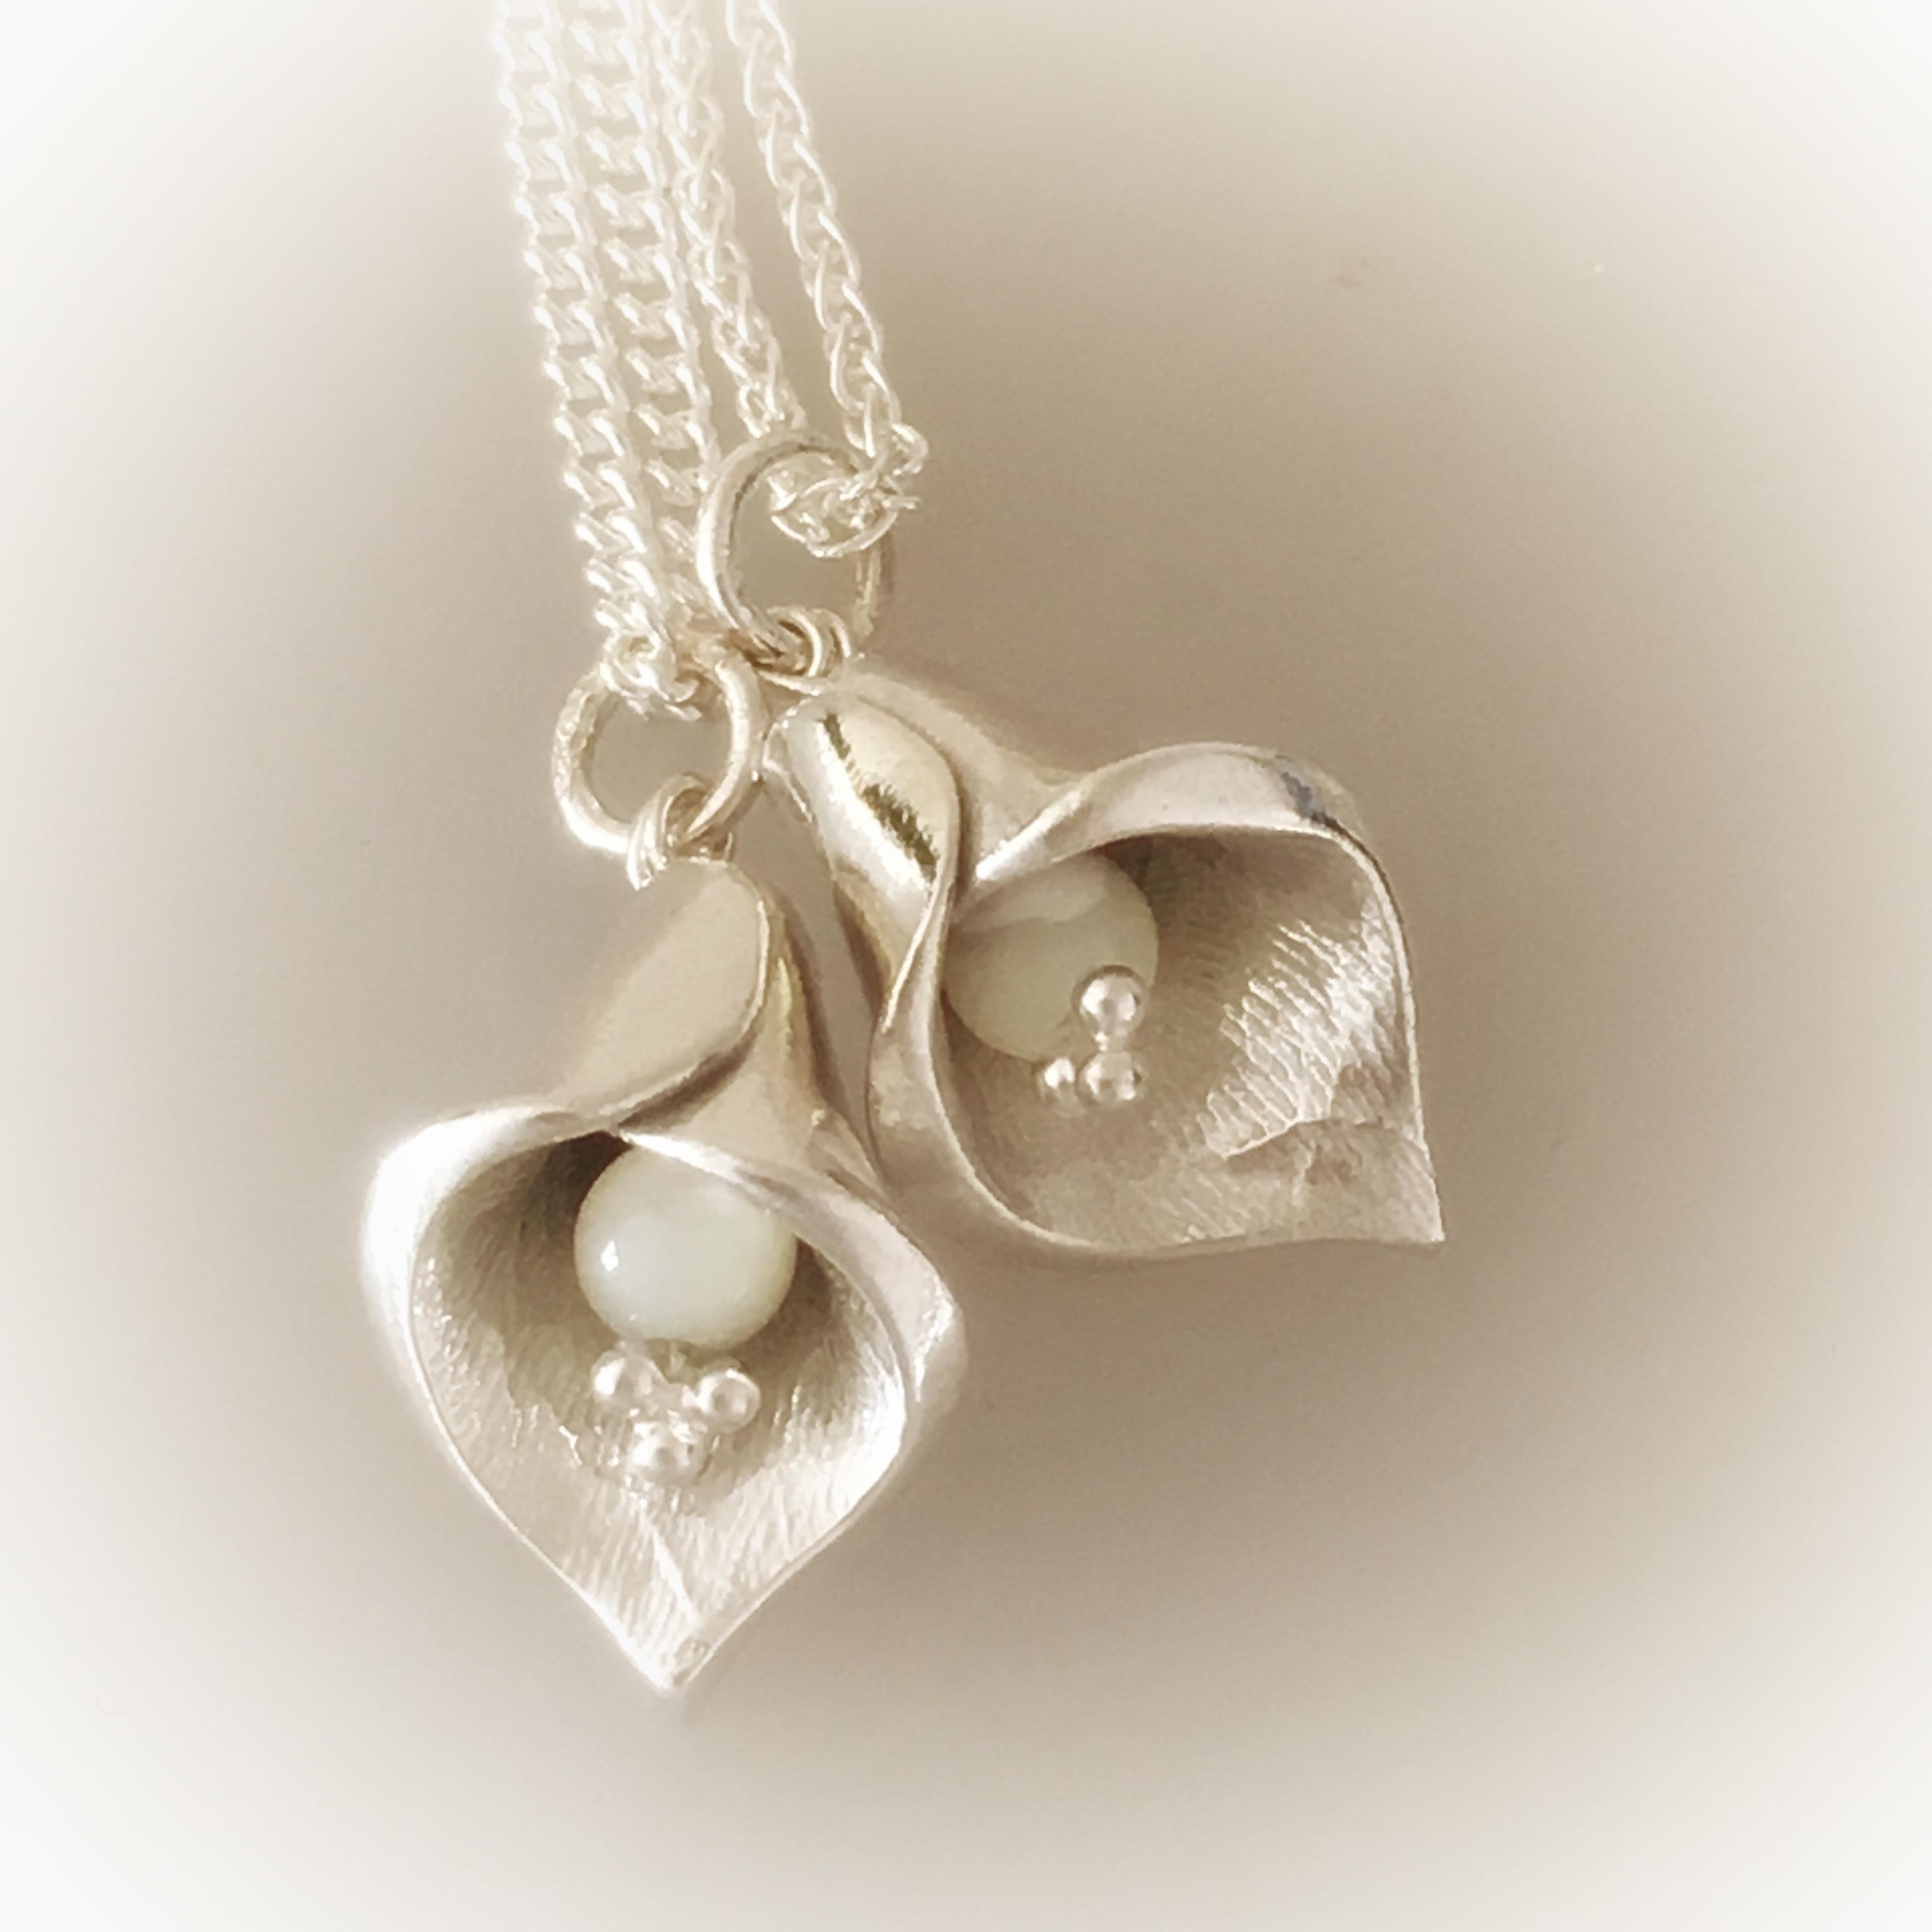 Customer Reviews of Memorial Jewellery 4